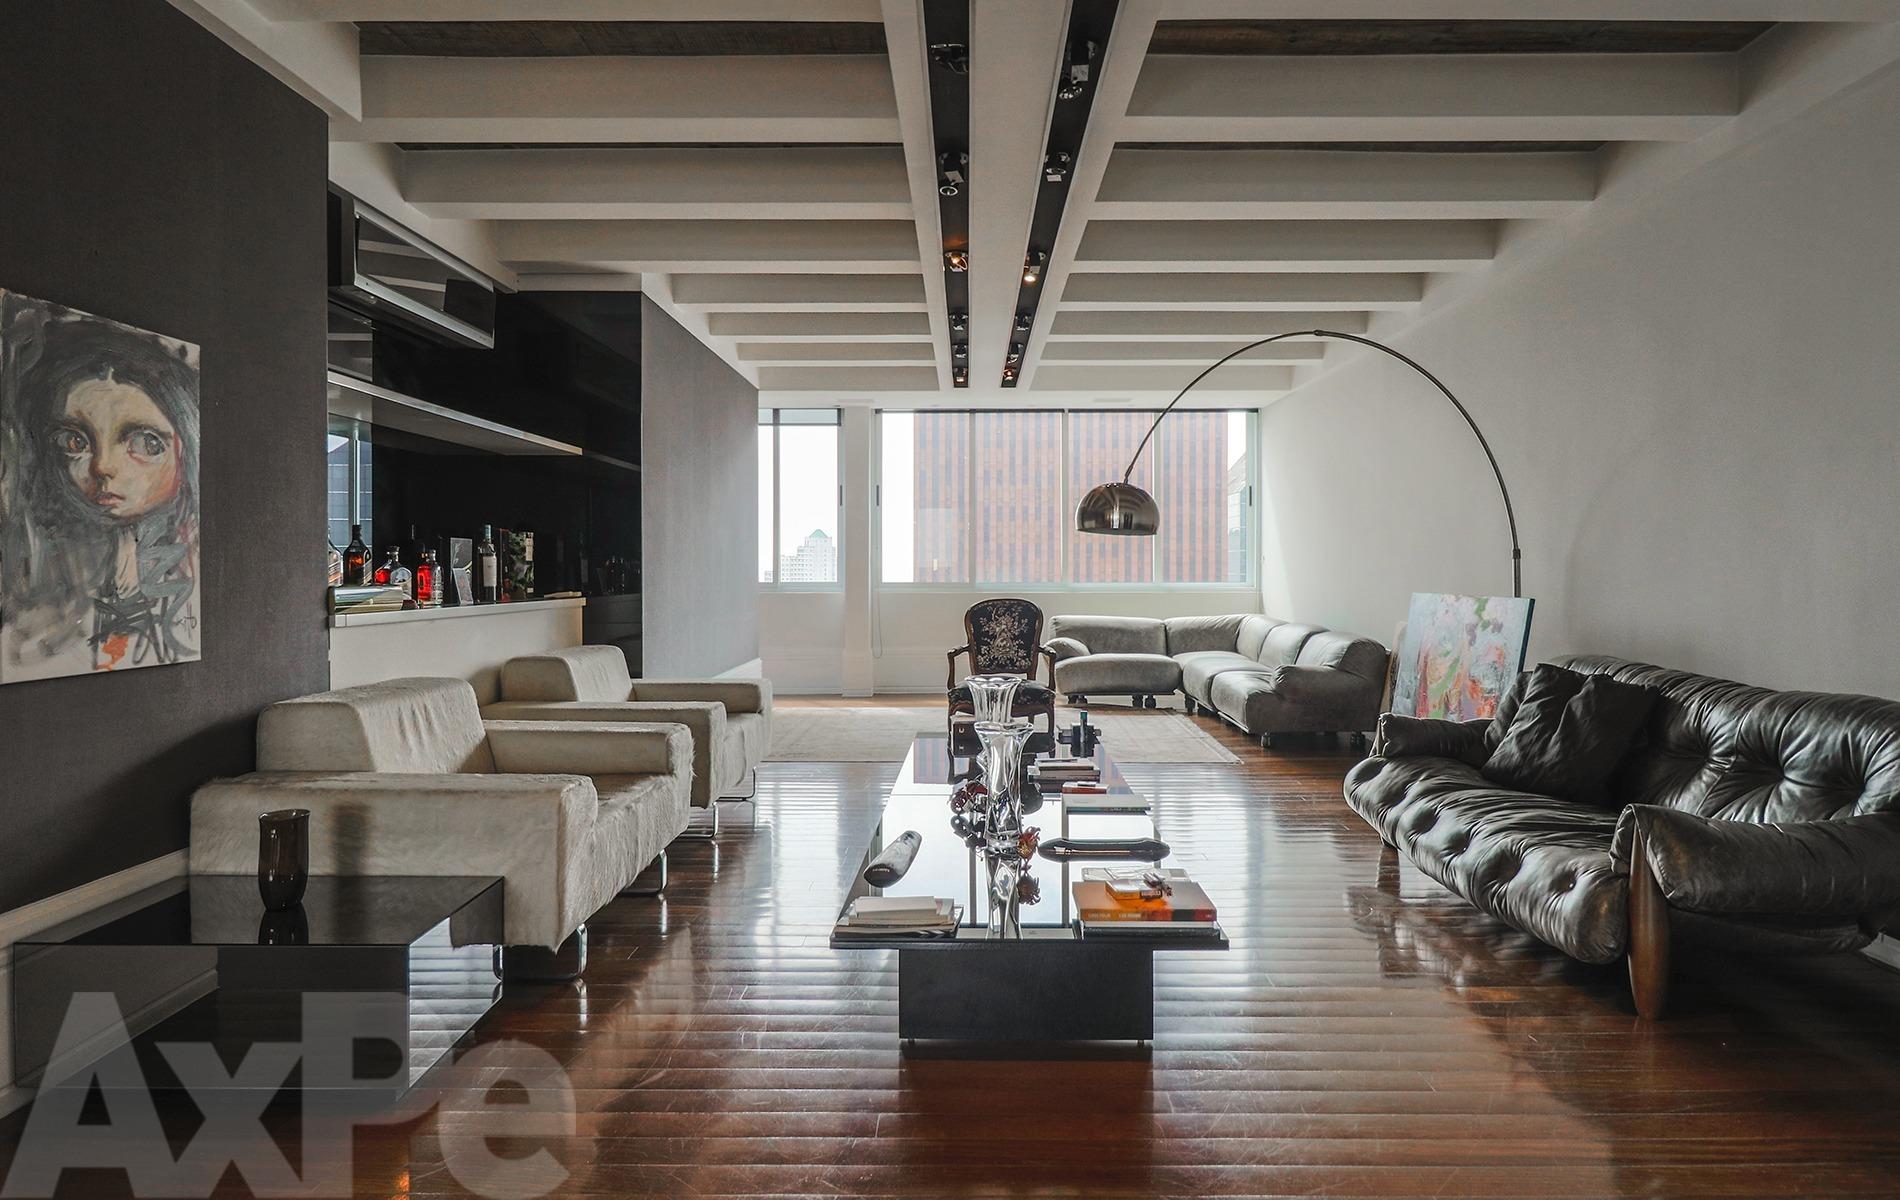 Axpe Apartamento - AX123882